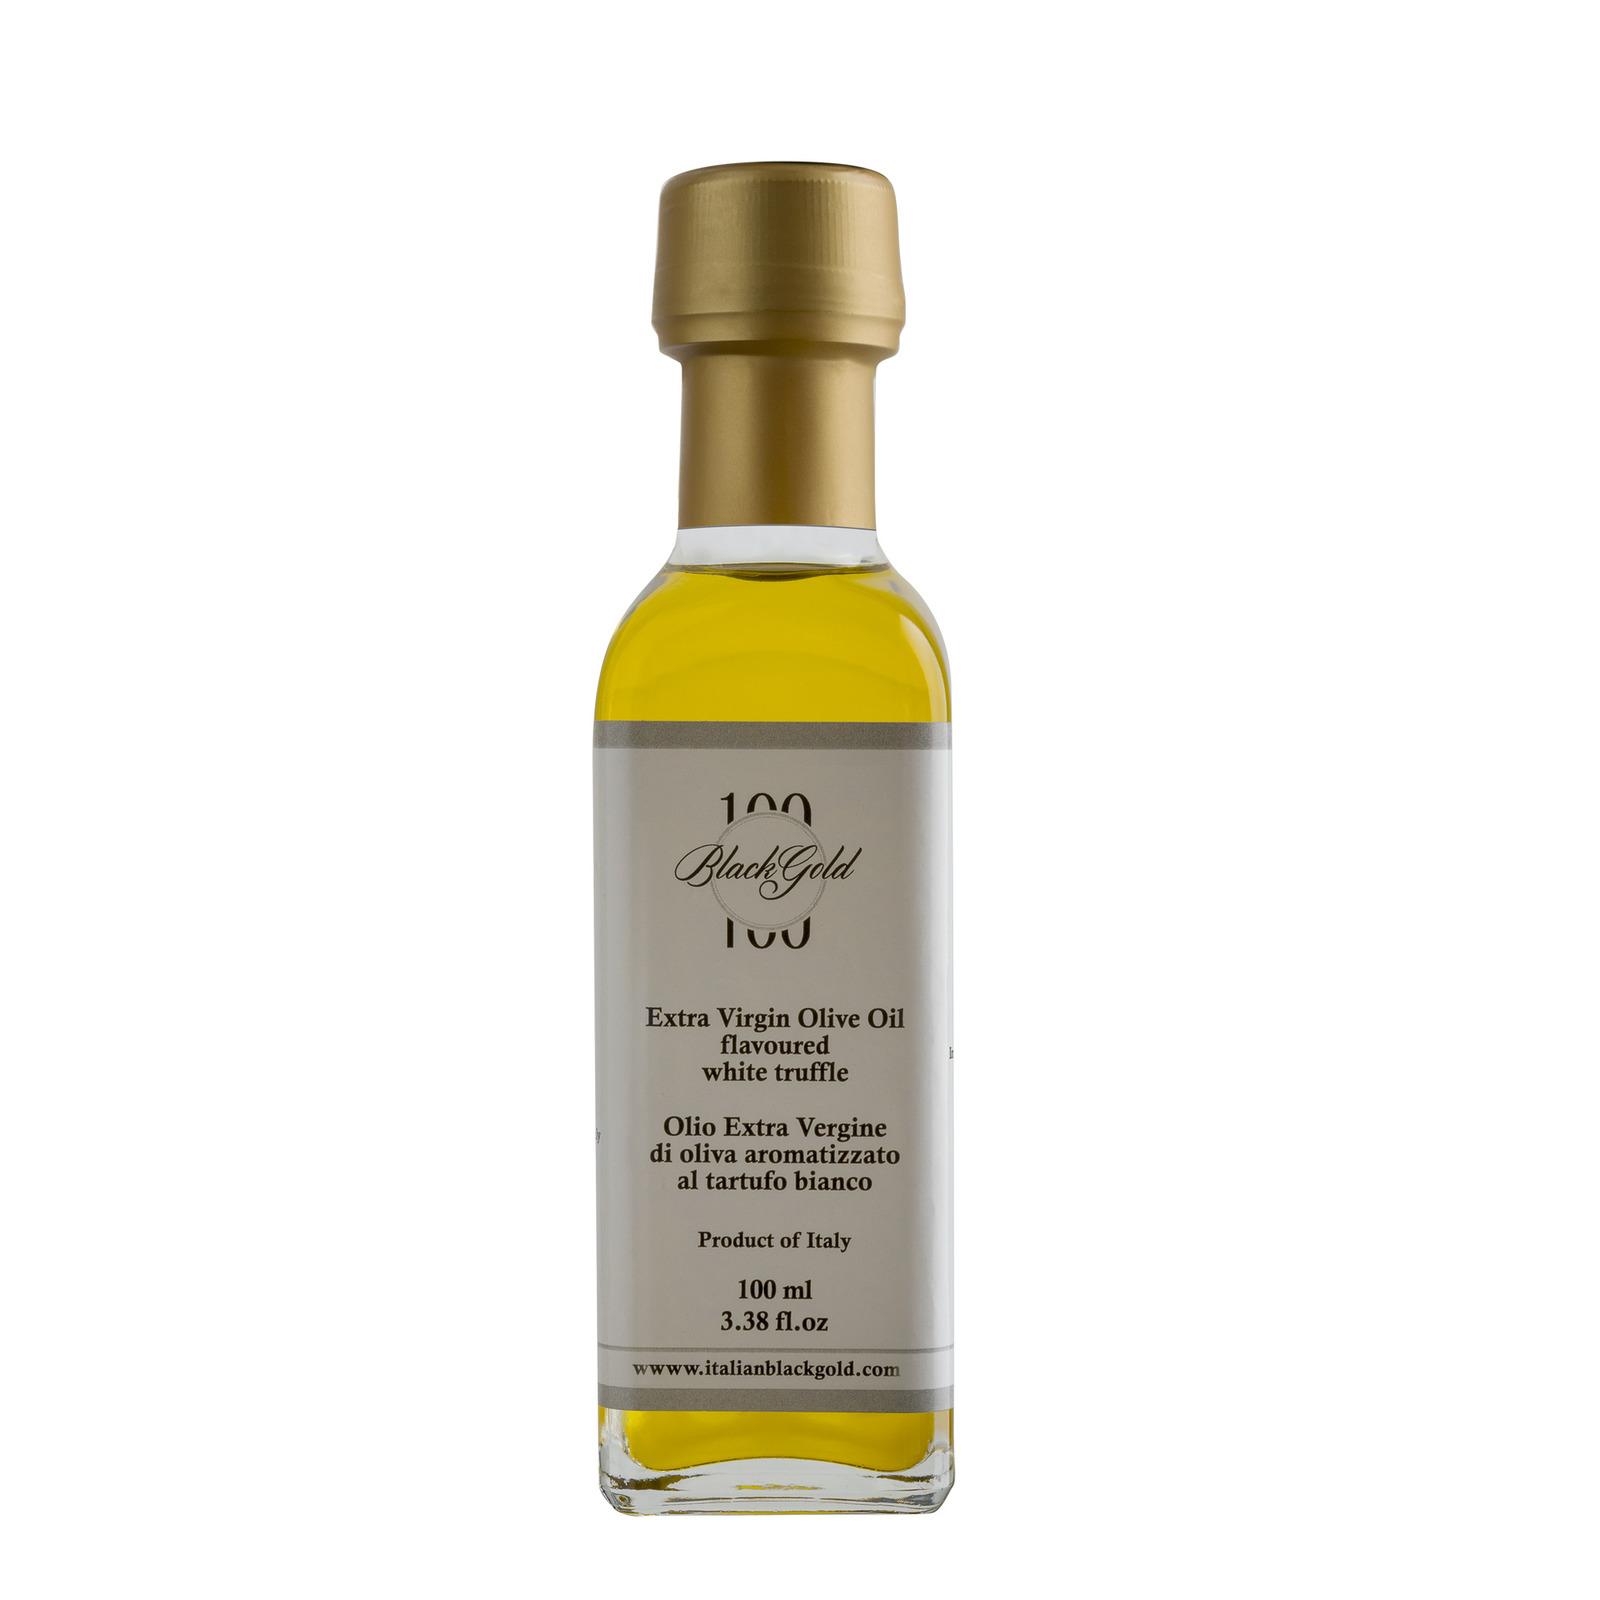 Black Gold White Truffle Extra Virgin Olive Oil